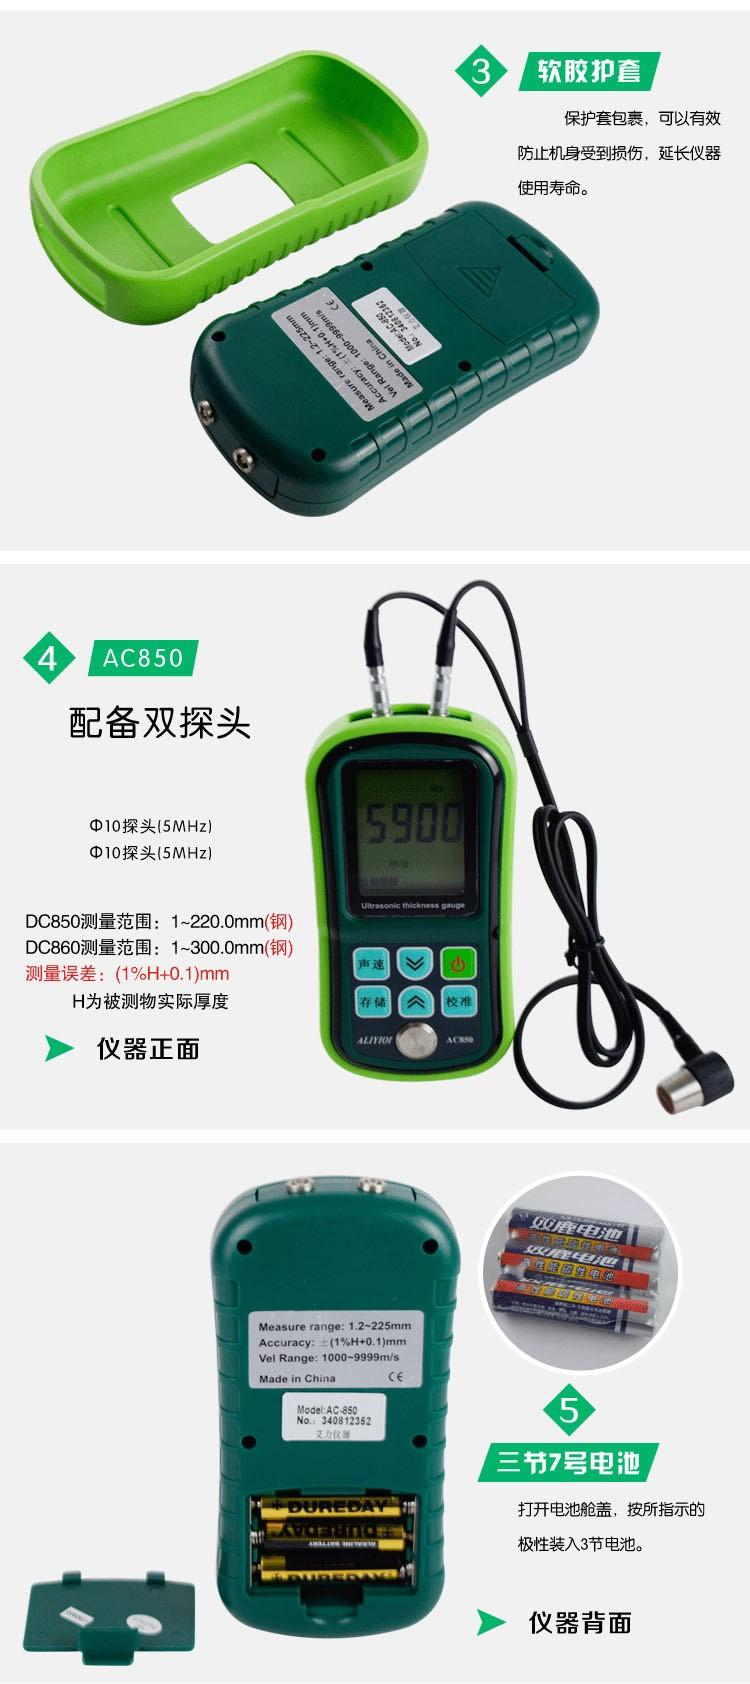 AC850超声波测厚仪